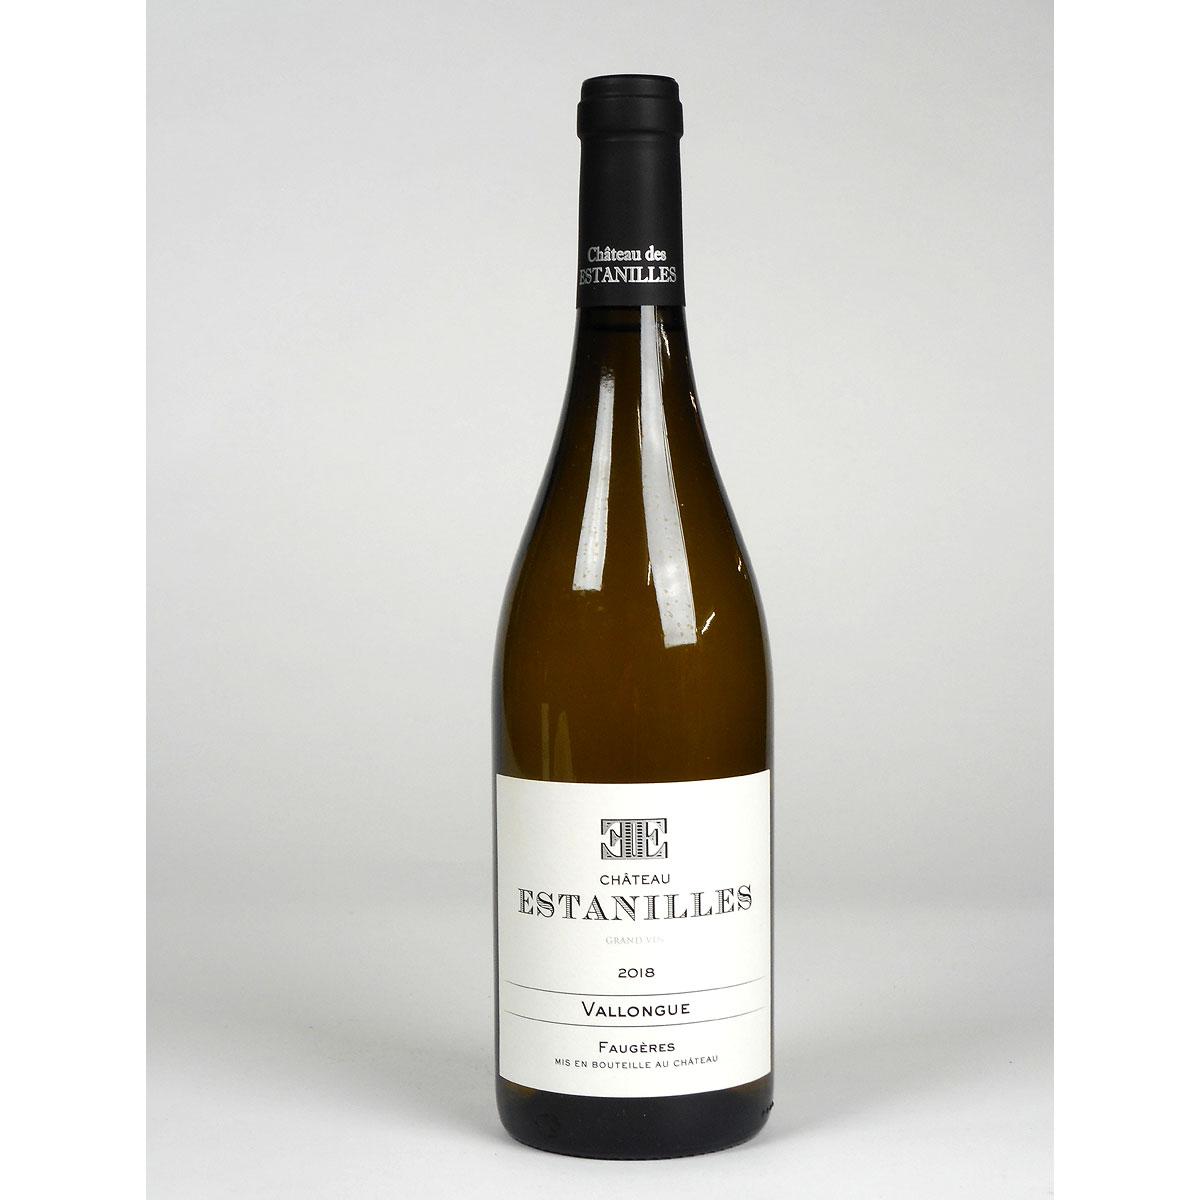 Faugères: Château Estanilles 'Vallongue' Blanc 2018 - Wine Bottle